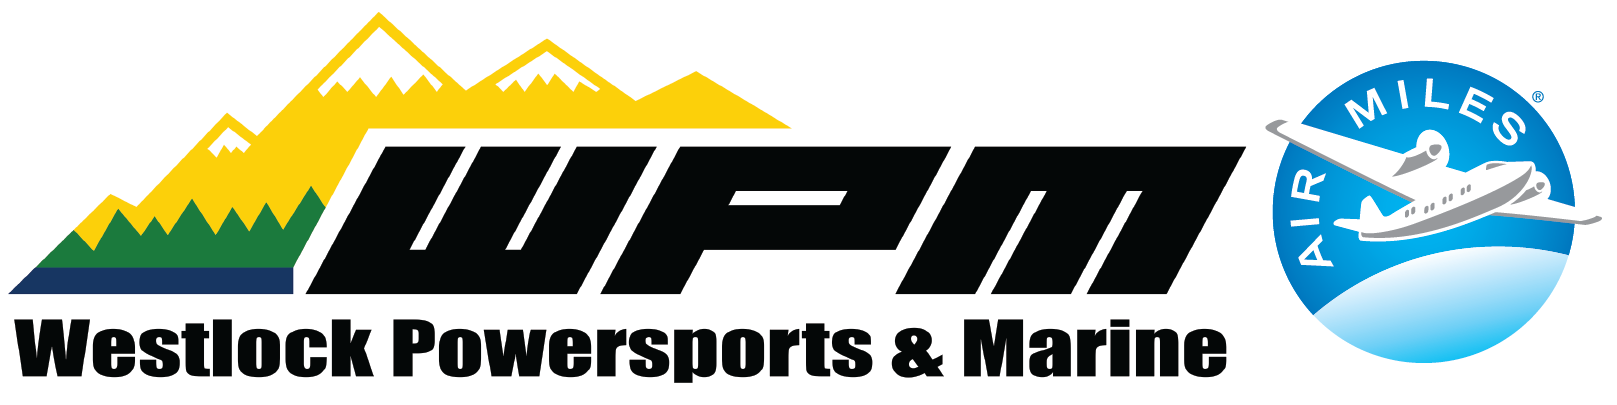 Westlock Powersports & Marine Logo